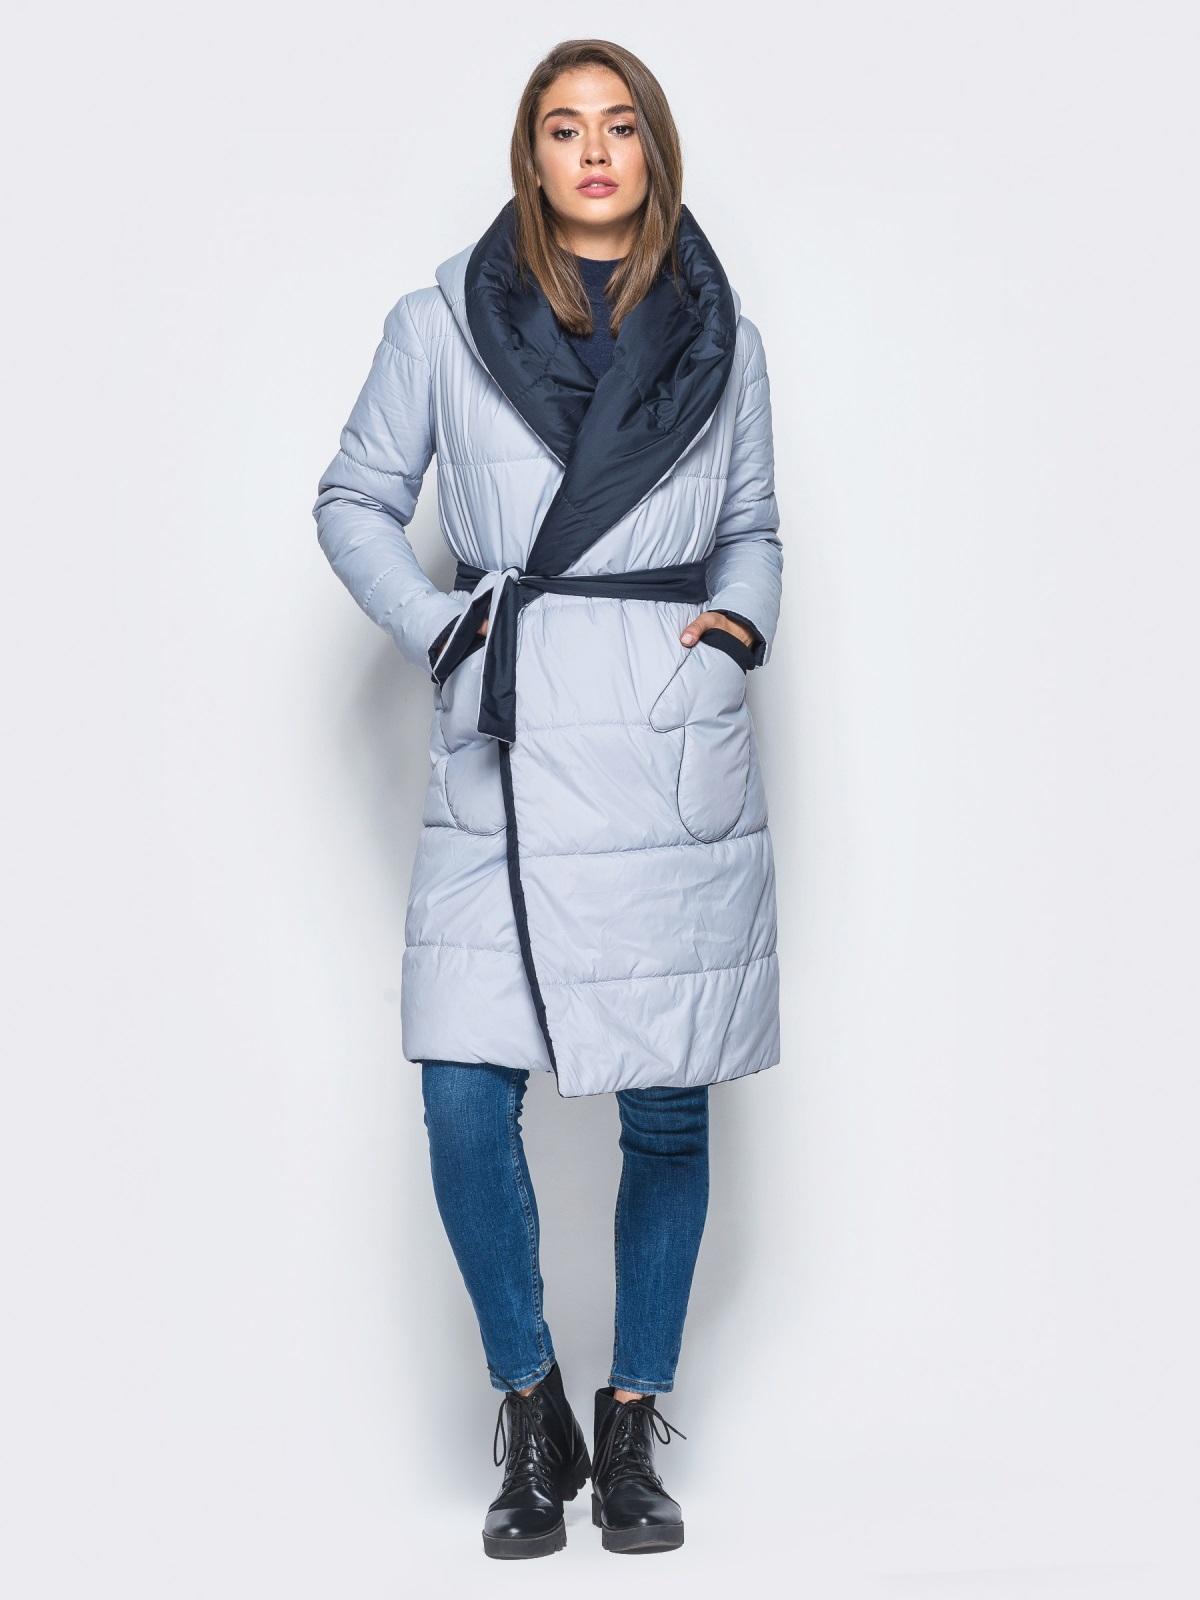 Двухсторонняя куртка с поясом в комплекте - 16737, фото 1 – интернет-магазин Dressa